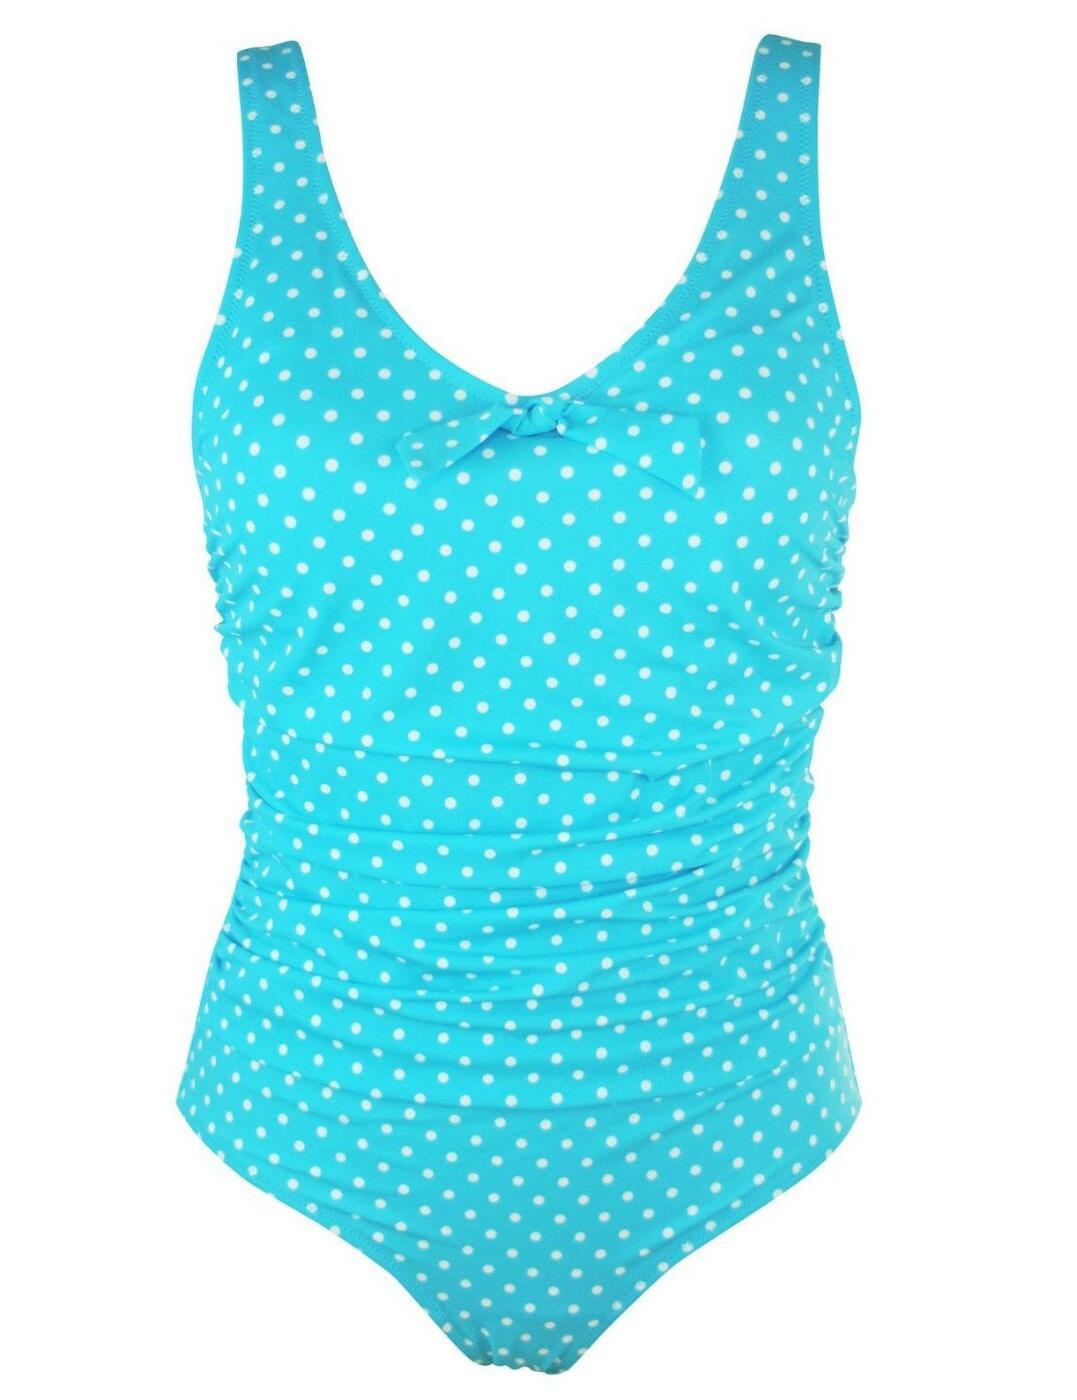 Hot Spots Control Swimsuit Costume 3906 New Pour Moi Swimwear Pour Moi